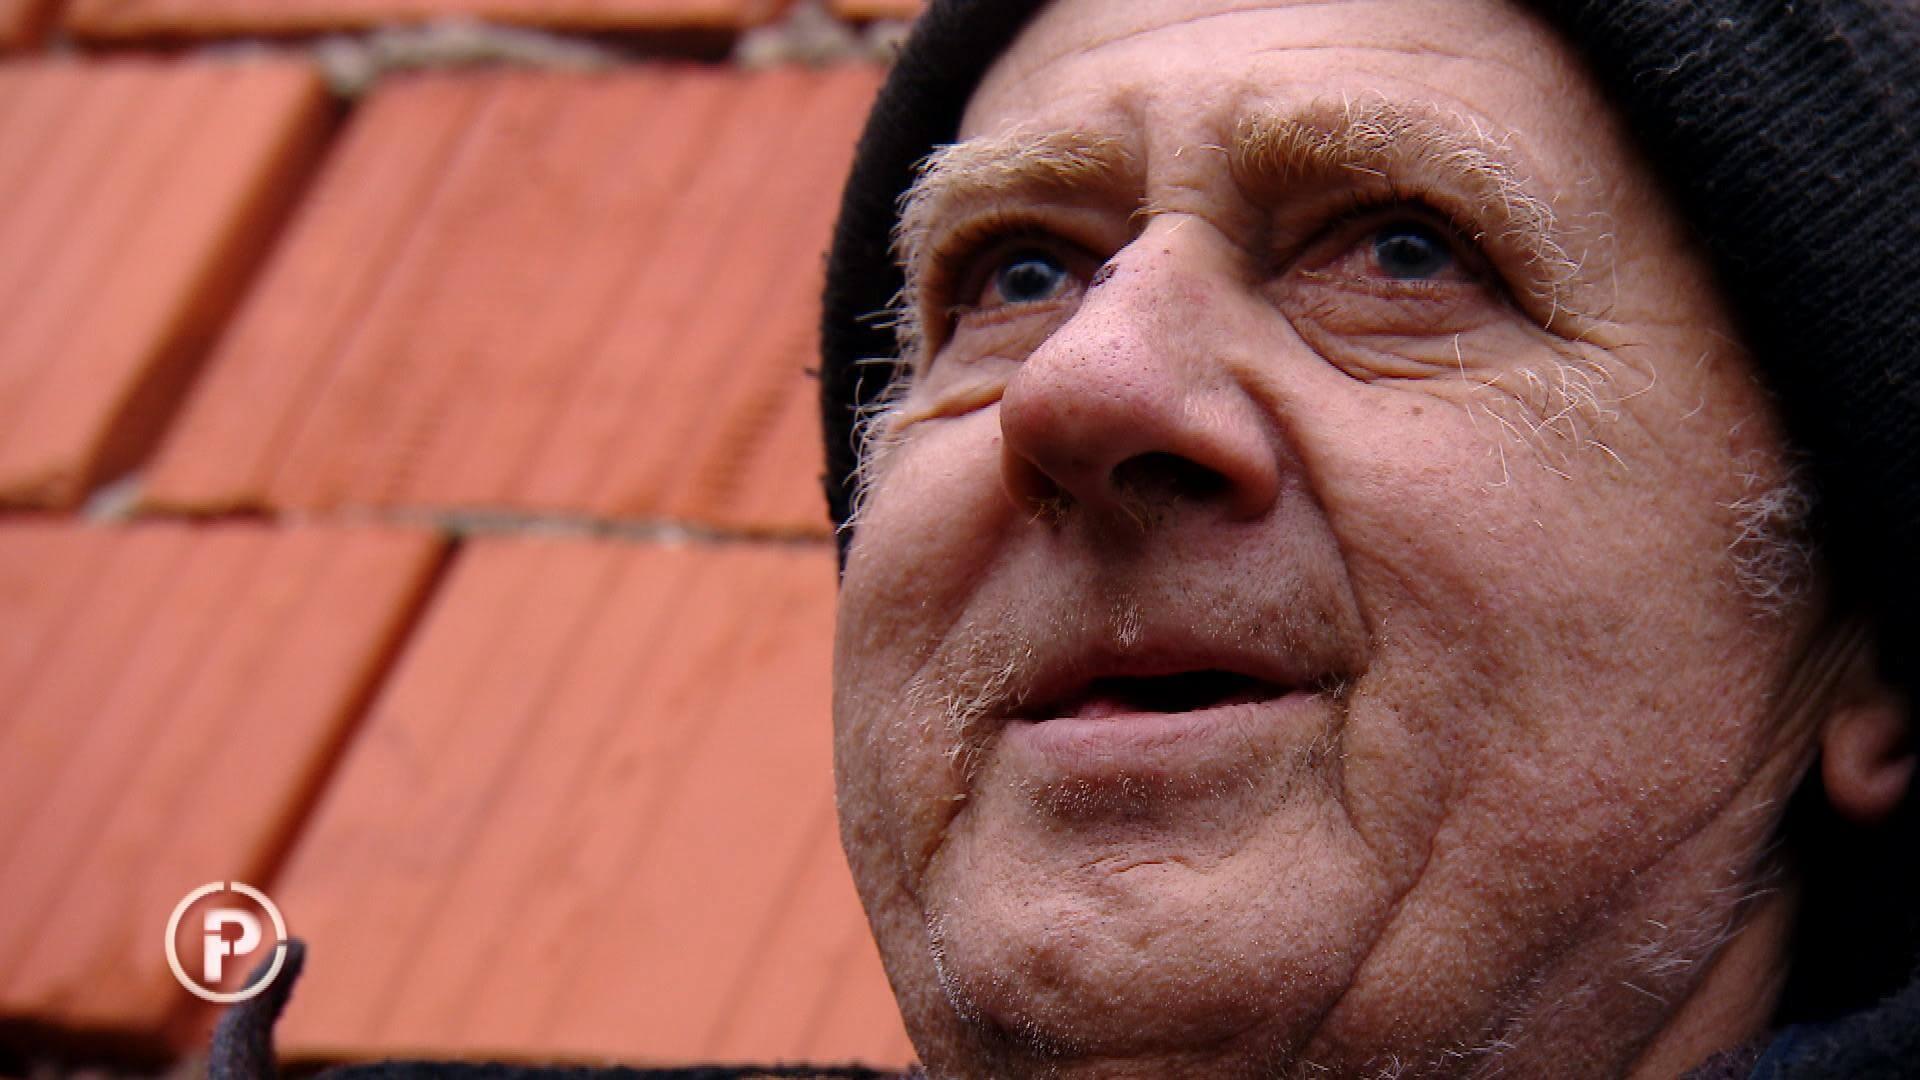 Ovaj 70-godišnjak živi gladan i slijep u ruševini bez grijanja, ali pomoć stiže!